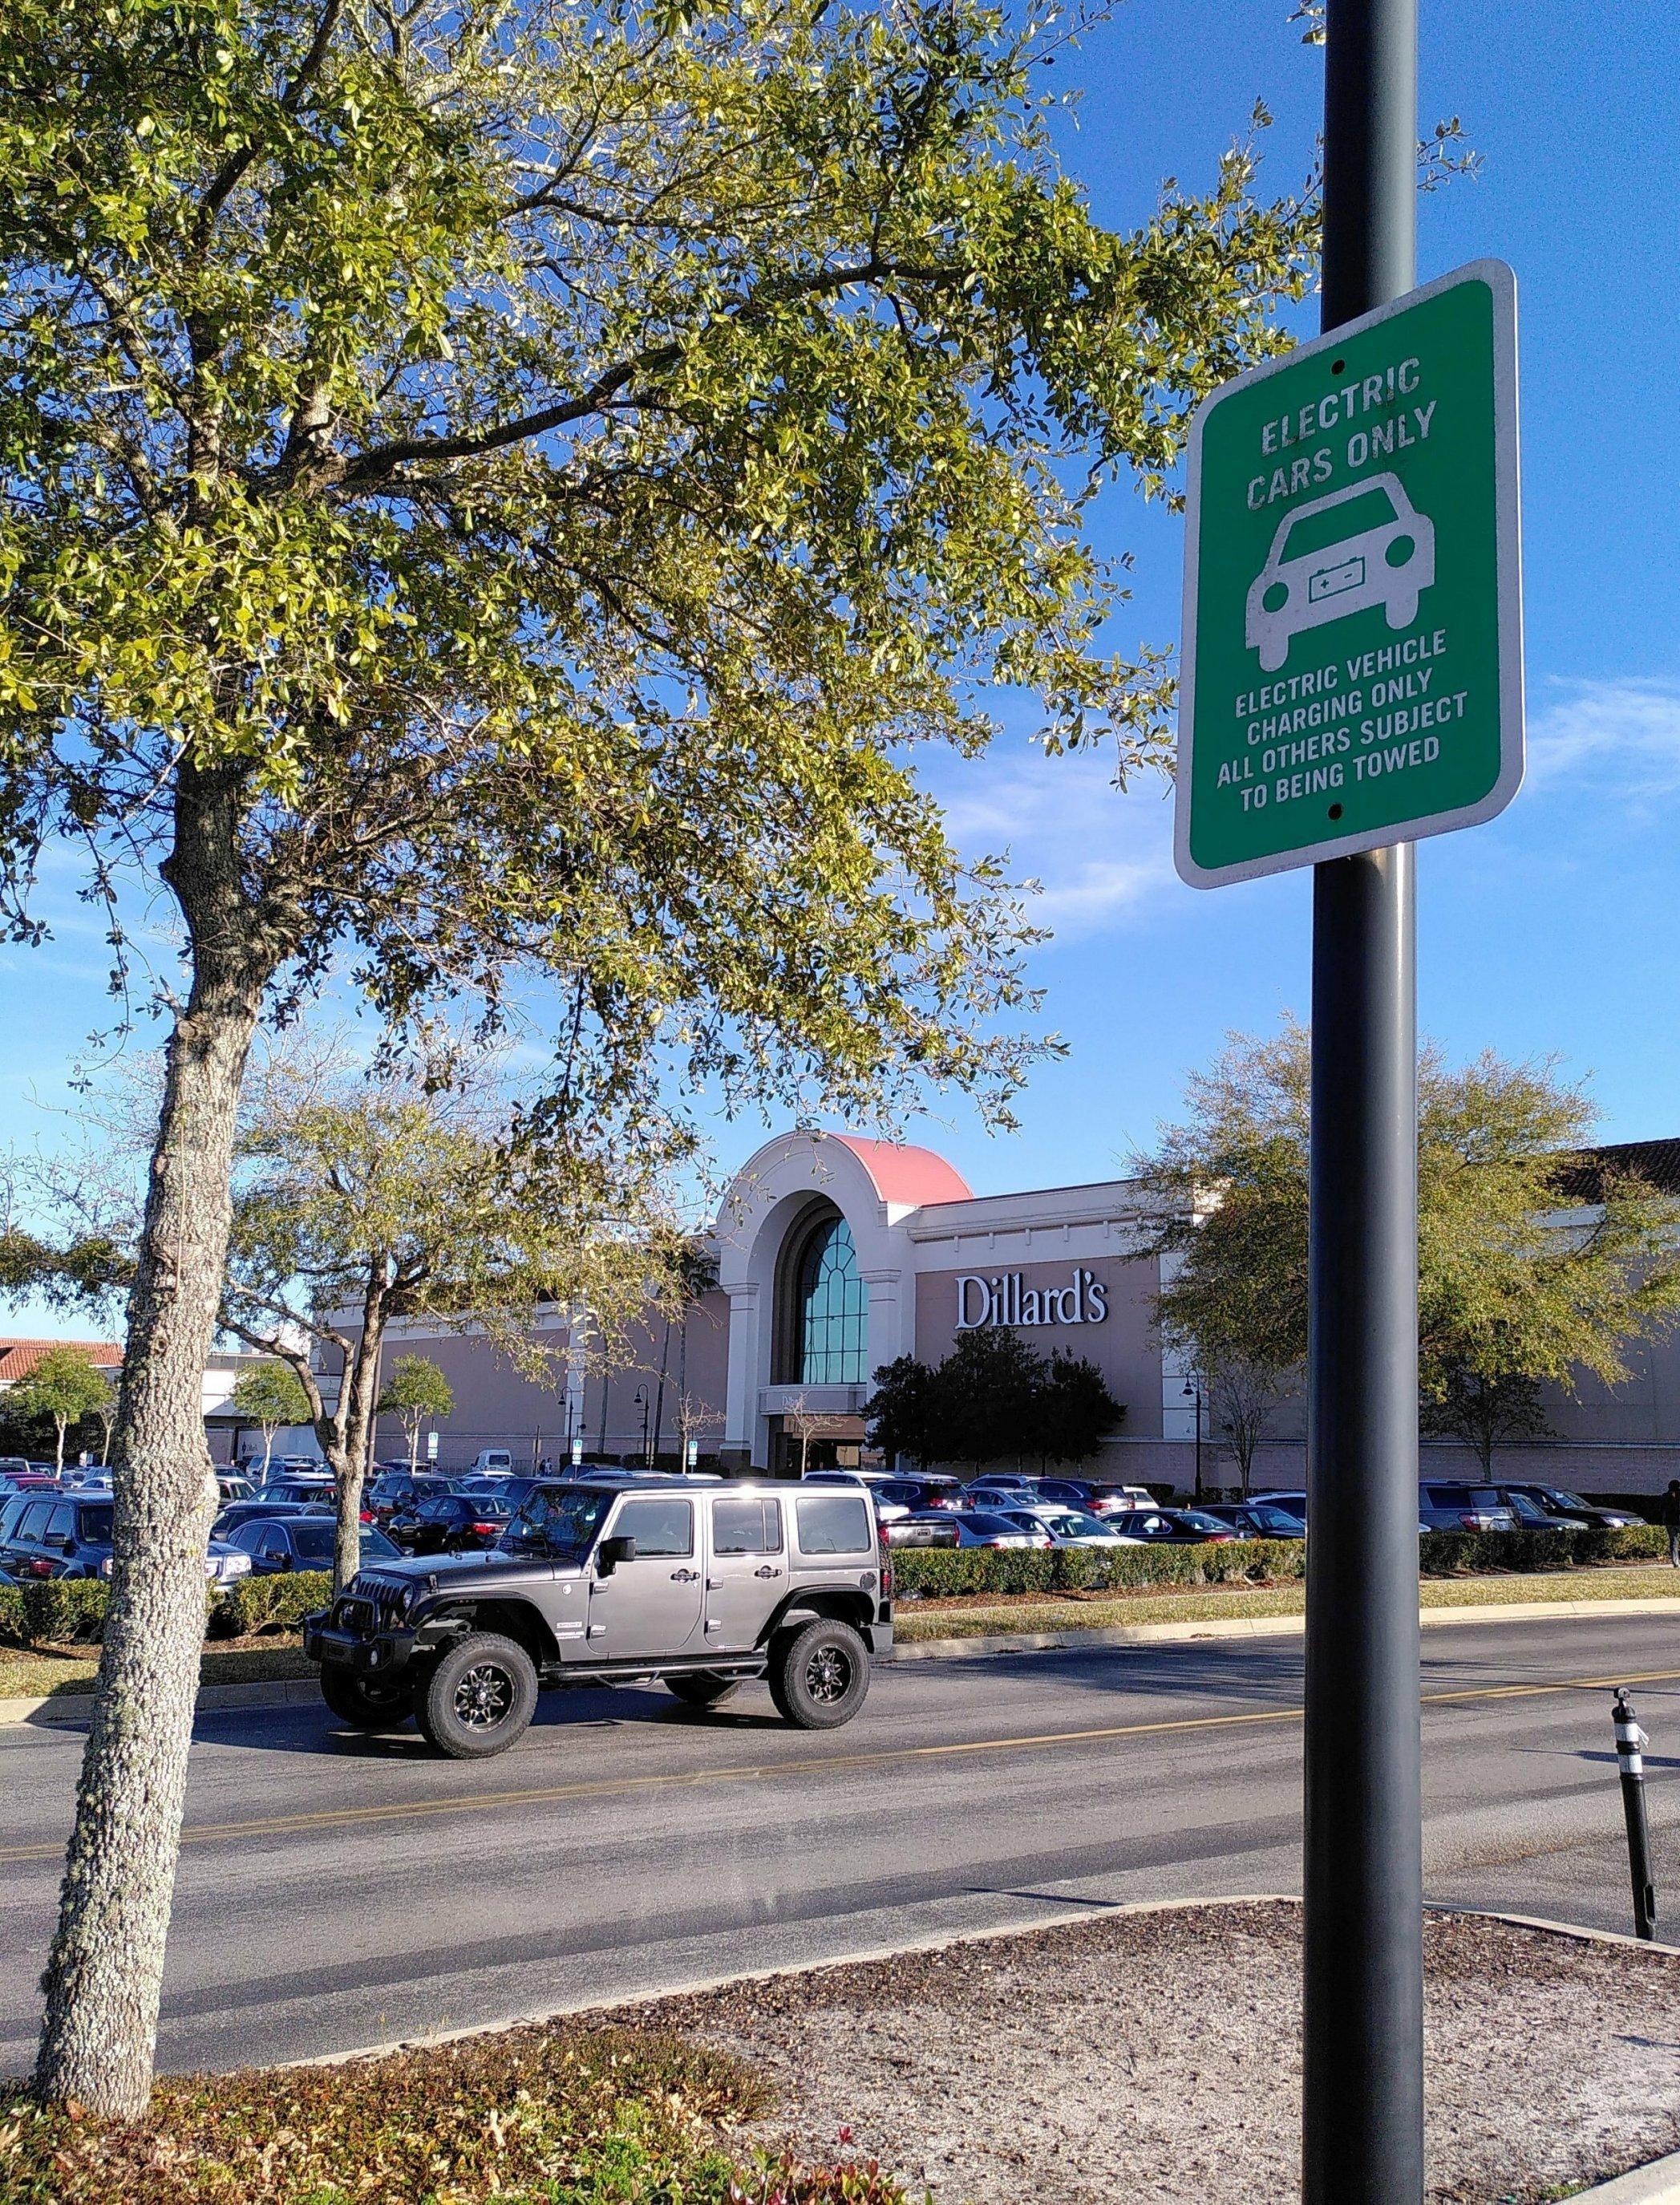 """Ein Parkplatz. Im Vordergrund ist ein Schild zu sehen, auf dem steht: """"Electric cars only""""."""